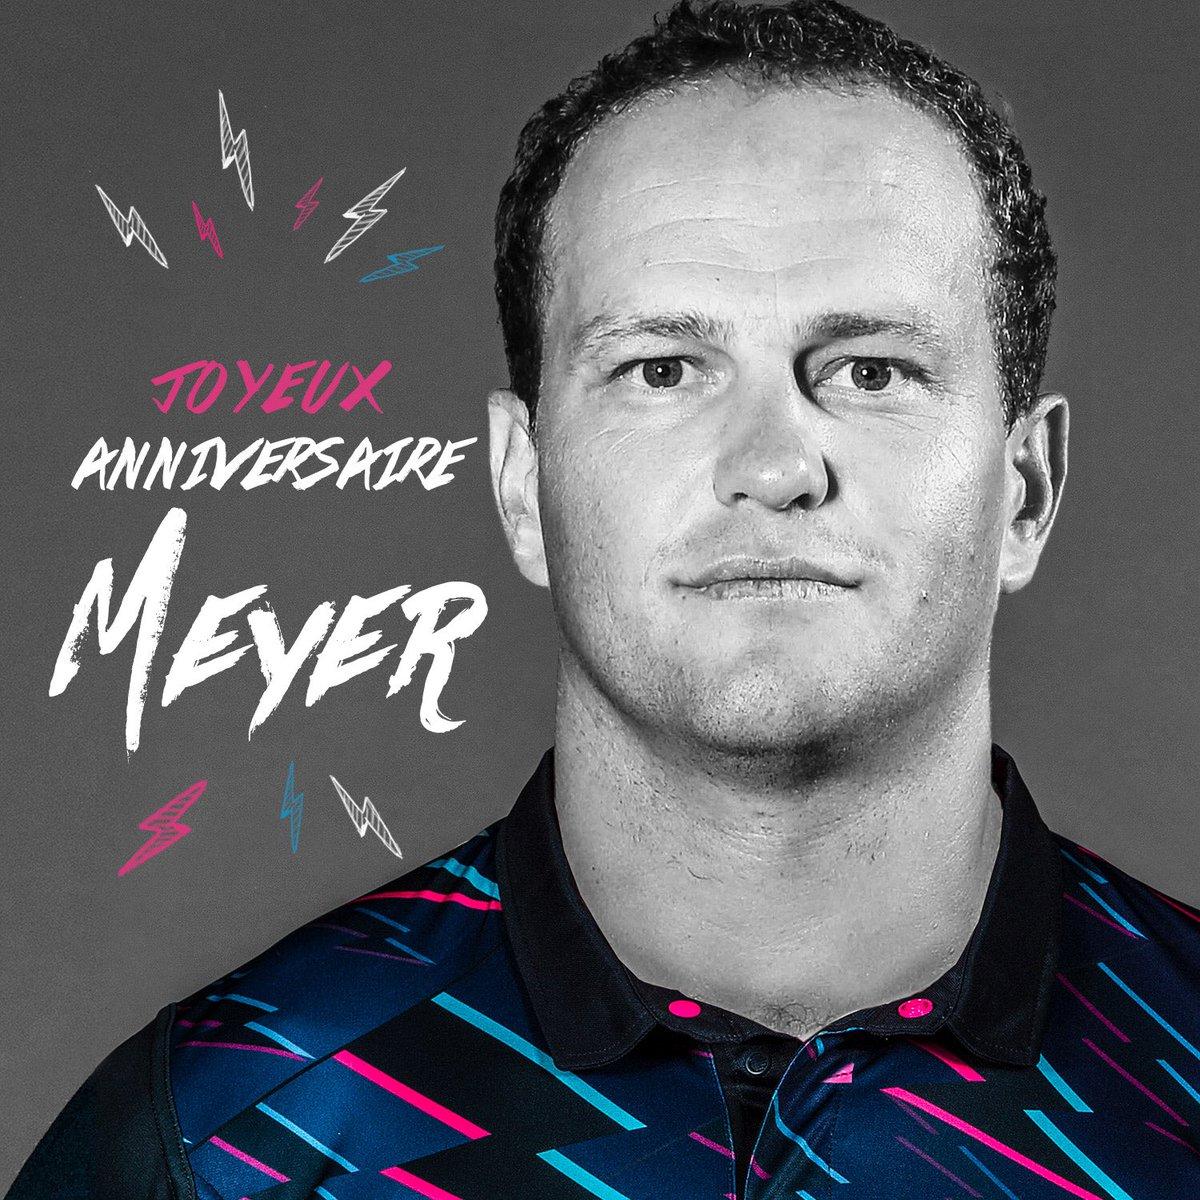 Il n'est pas trop tard et il fête ses 33 ans aujourd'hui ! Joyeux #anniversaire Meyer Bosman 😘🎂 #SFParis